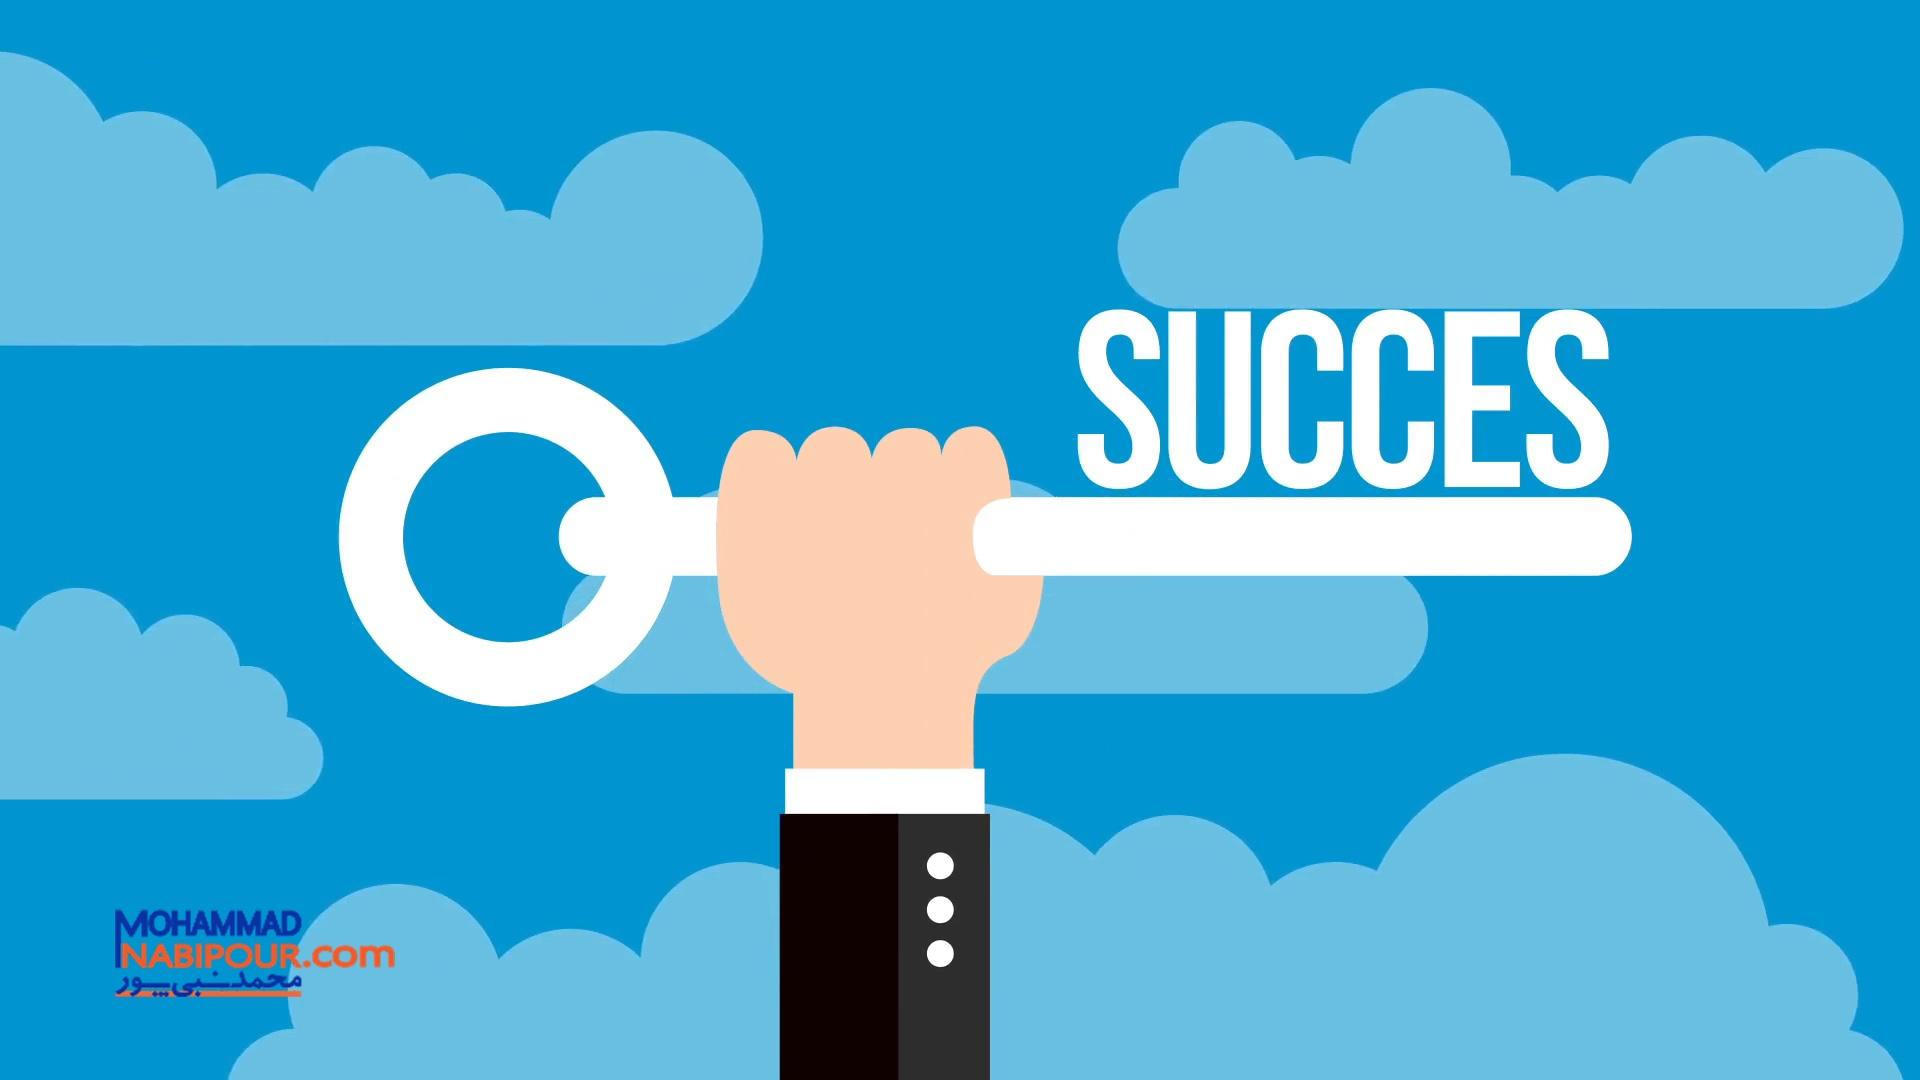 محمدنبی پور،mohammadnabipour،مشاور بازاریابی کرمان،مشاوره بازاریابی کرمان،مشاوره،مشاور،مشاوره کرمان،برندینگ،تقاضا،همایش،سمینار،مشاور بازاریابی کرمان،رهبری،مدیریت،رهبری در مدیریت،مشاوره فروش،مشاوره بازاریابی،مشاوره اقتصادی،مشاوره شغلی،مشاوره موفقیت،موفقیت فردی،کسب و کار،مشاوره کسب و کار،مشاوره تبلیغات،آموزش مشاوره فروش،آموزش مشاوره بازاریابی،آموزش مشاوره اقتصادی،آموزش مشاوره شغلی،آموزش مشاوره موفقیت،آموزش موفقیت فردی،آموزش کسب و کار،آموزش مشاوره کسب و کار،آموزش مشاوره تبلیغات،دکتر کسب و کار،مردموفقیت،مرد ماموریت های غیر ممکن تجارت،قاتل فقر،قاتل شکست